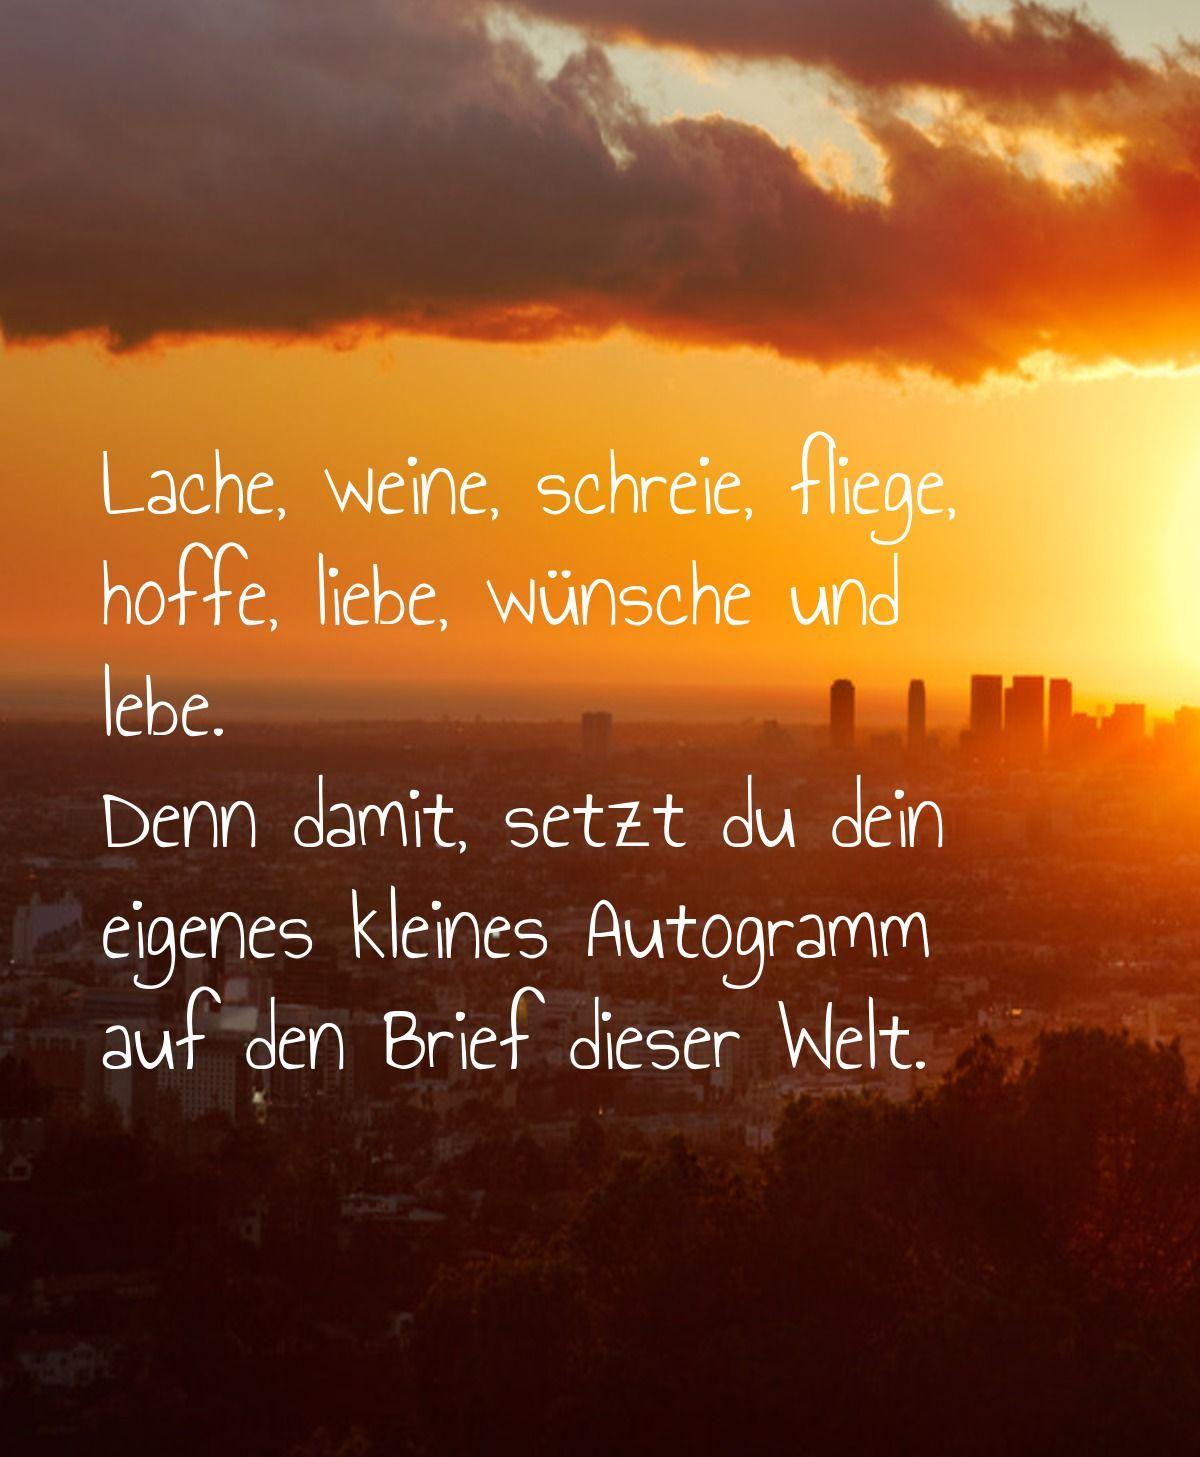 Lache Weine Schreie Fliege Hoffe Liebe Wunsche Und Lebe